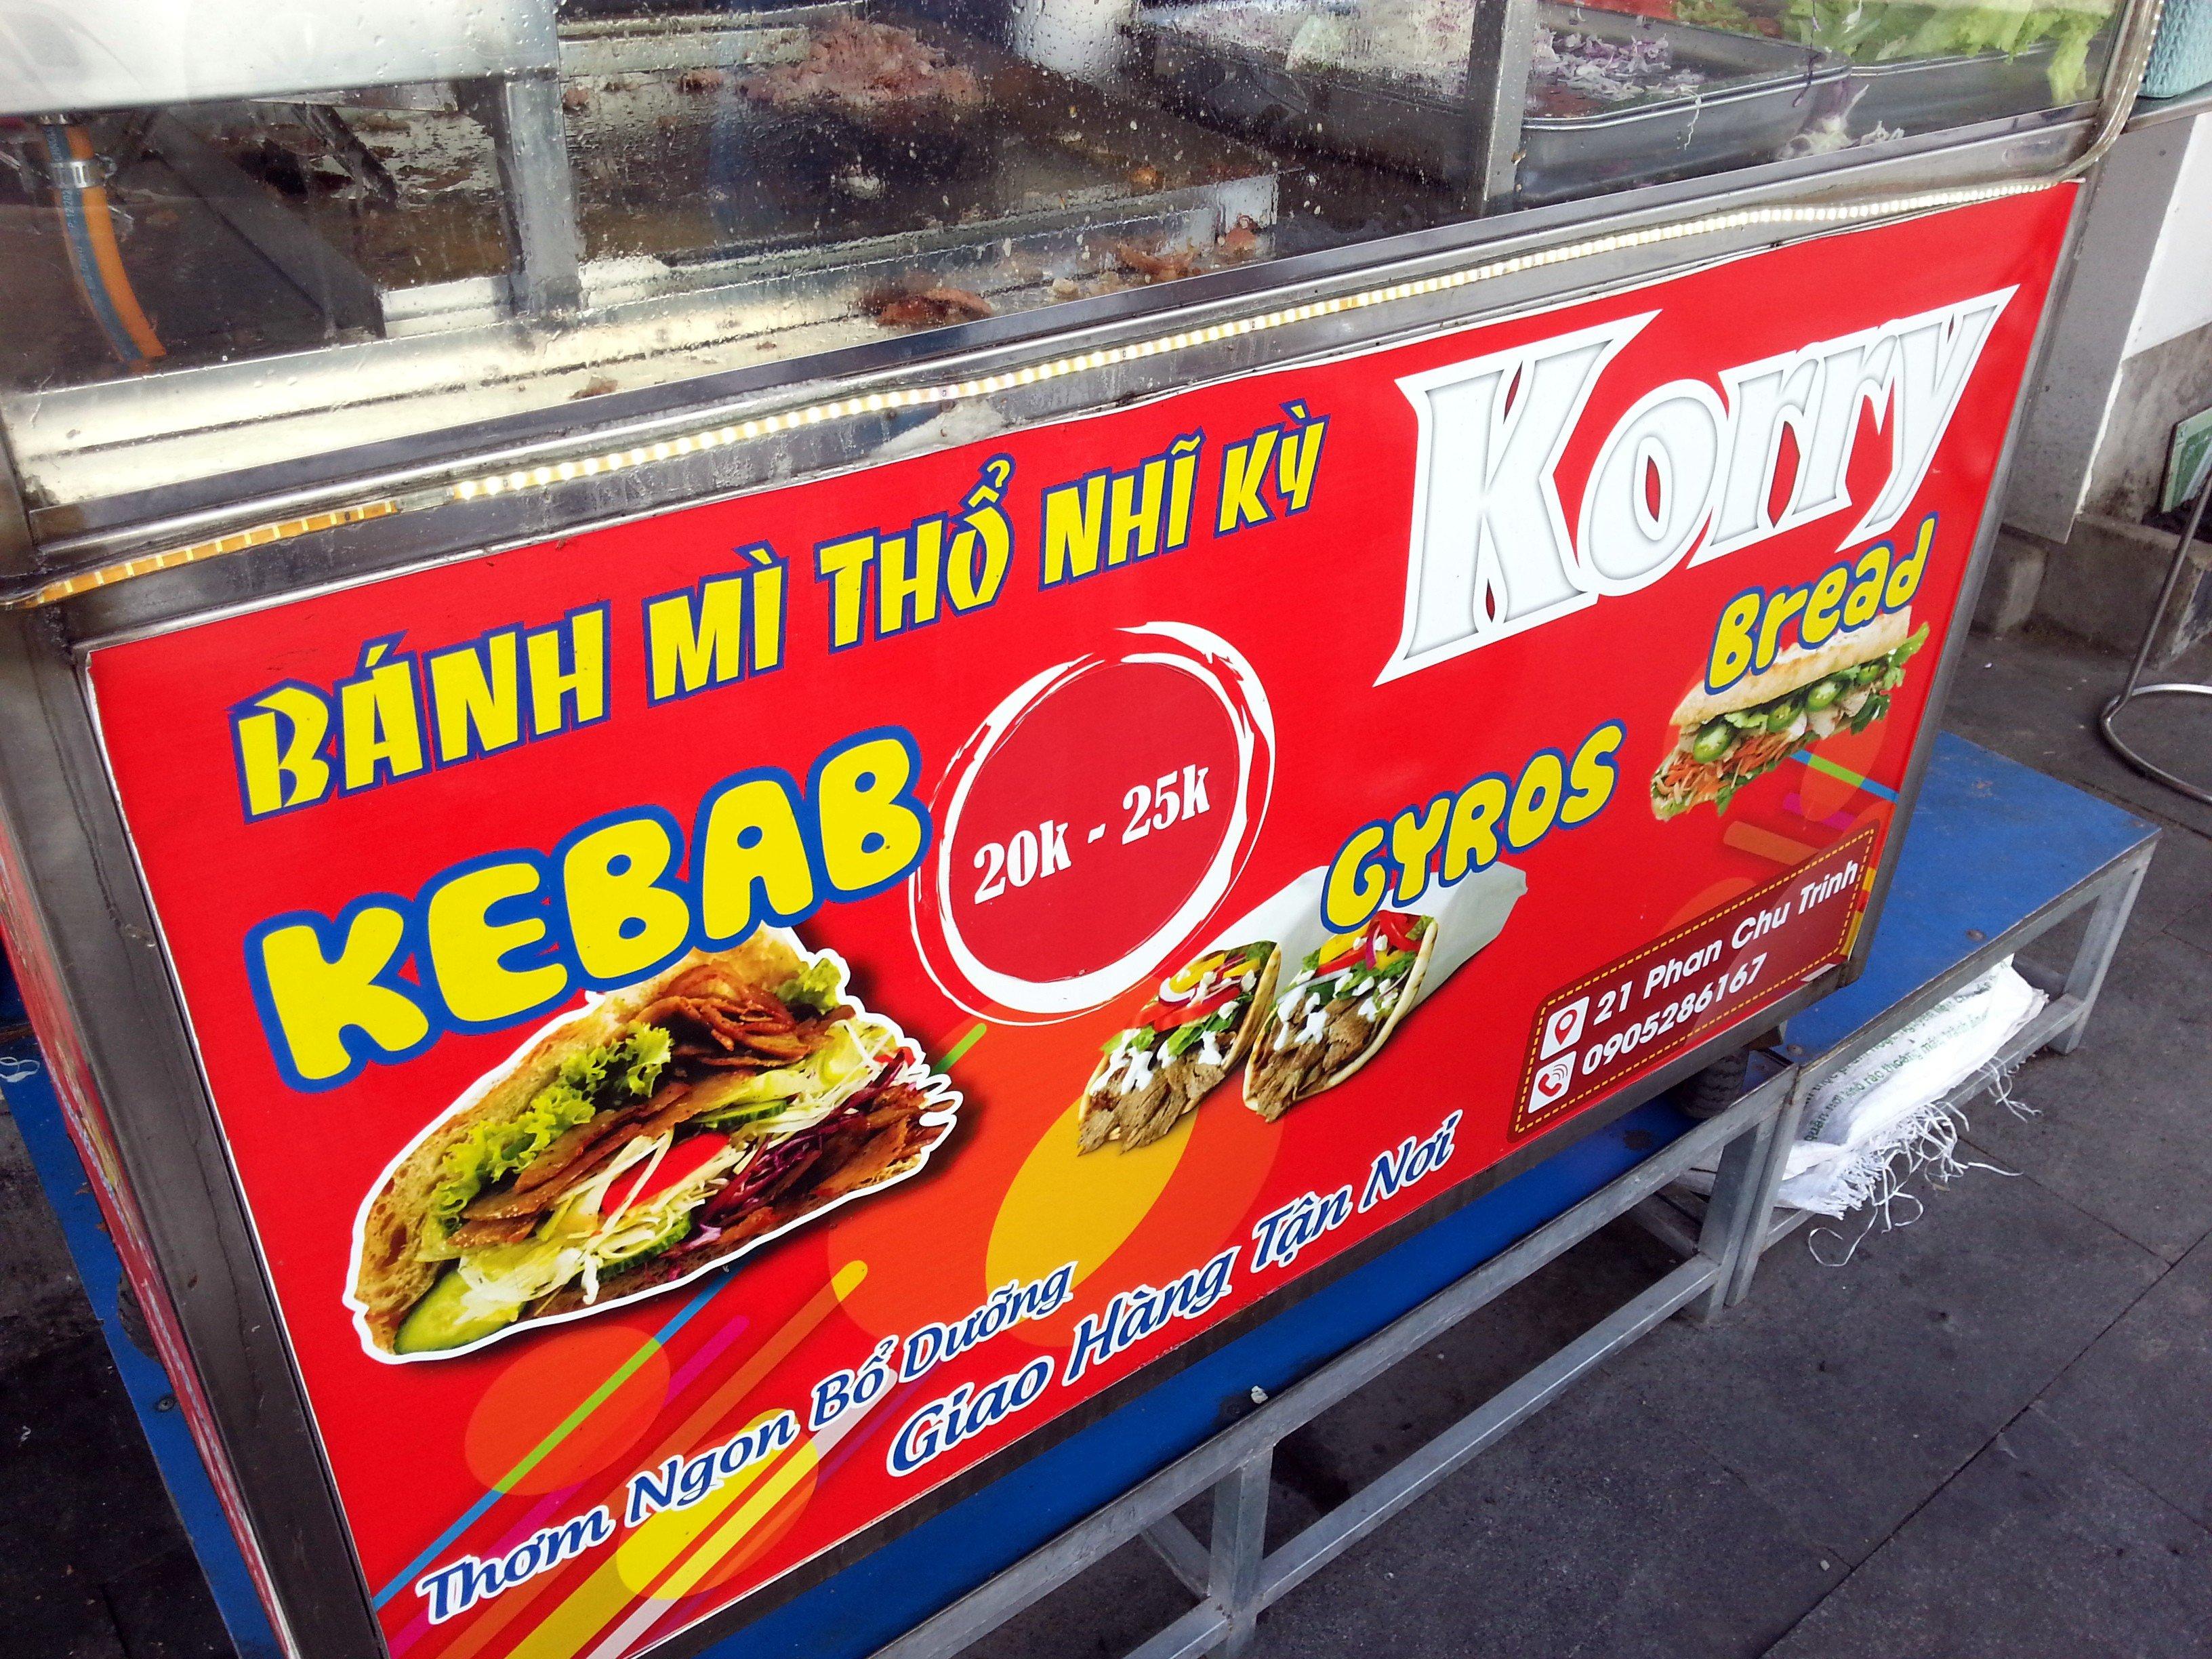 Kebab Banh mi stall in Nha Trang